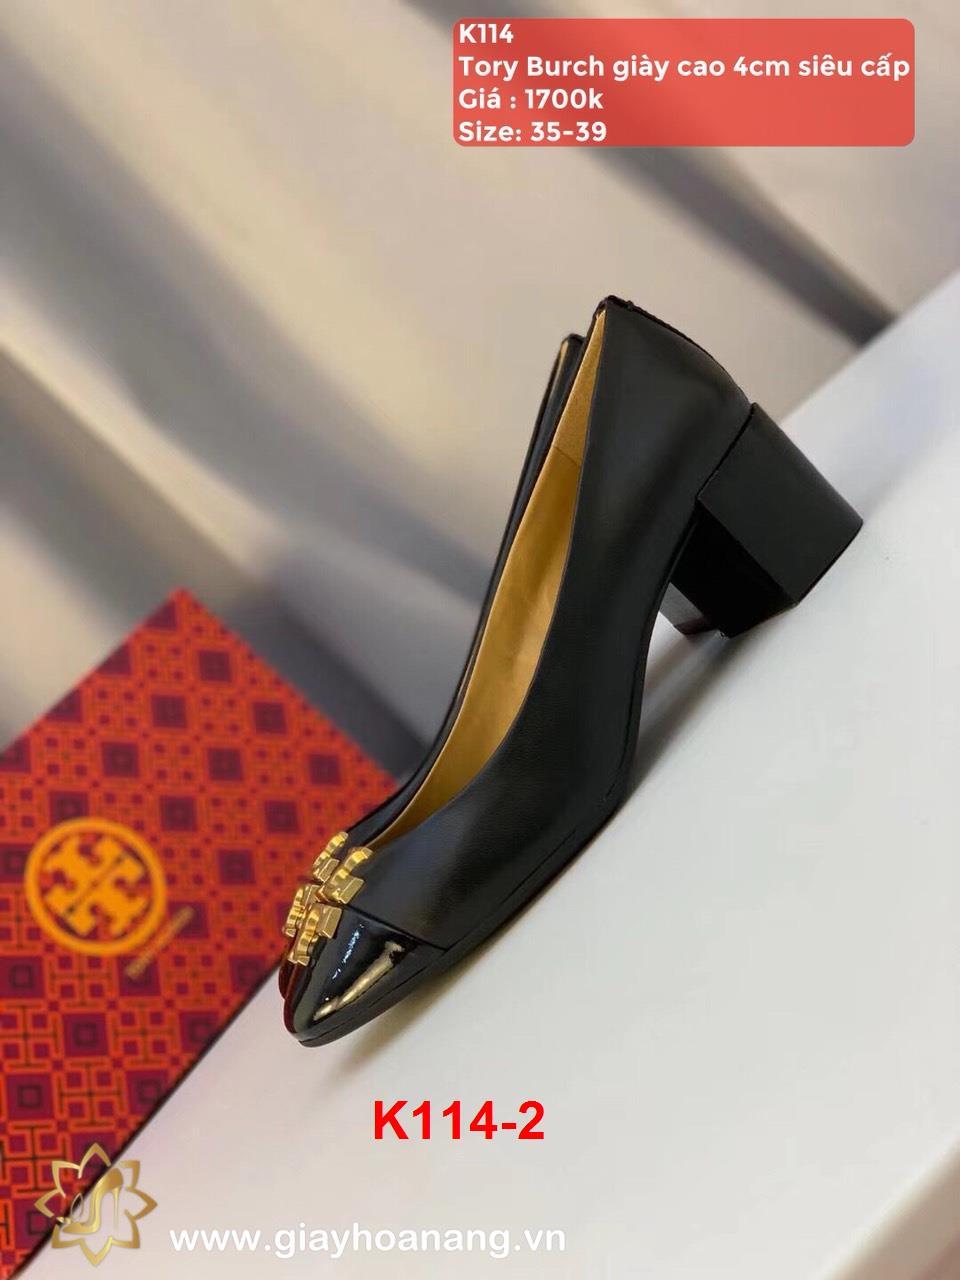 K114-2 Tory Burch giày cao 4cm siêu cấp